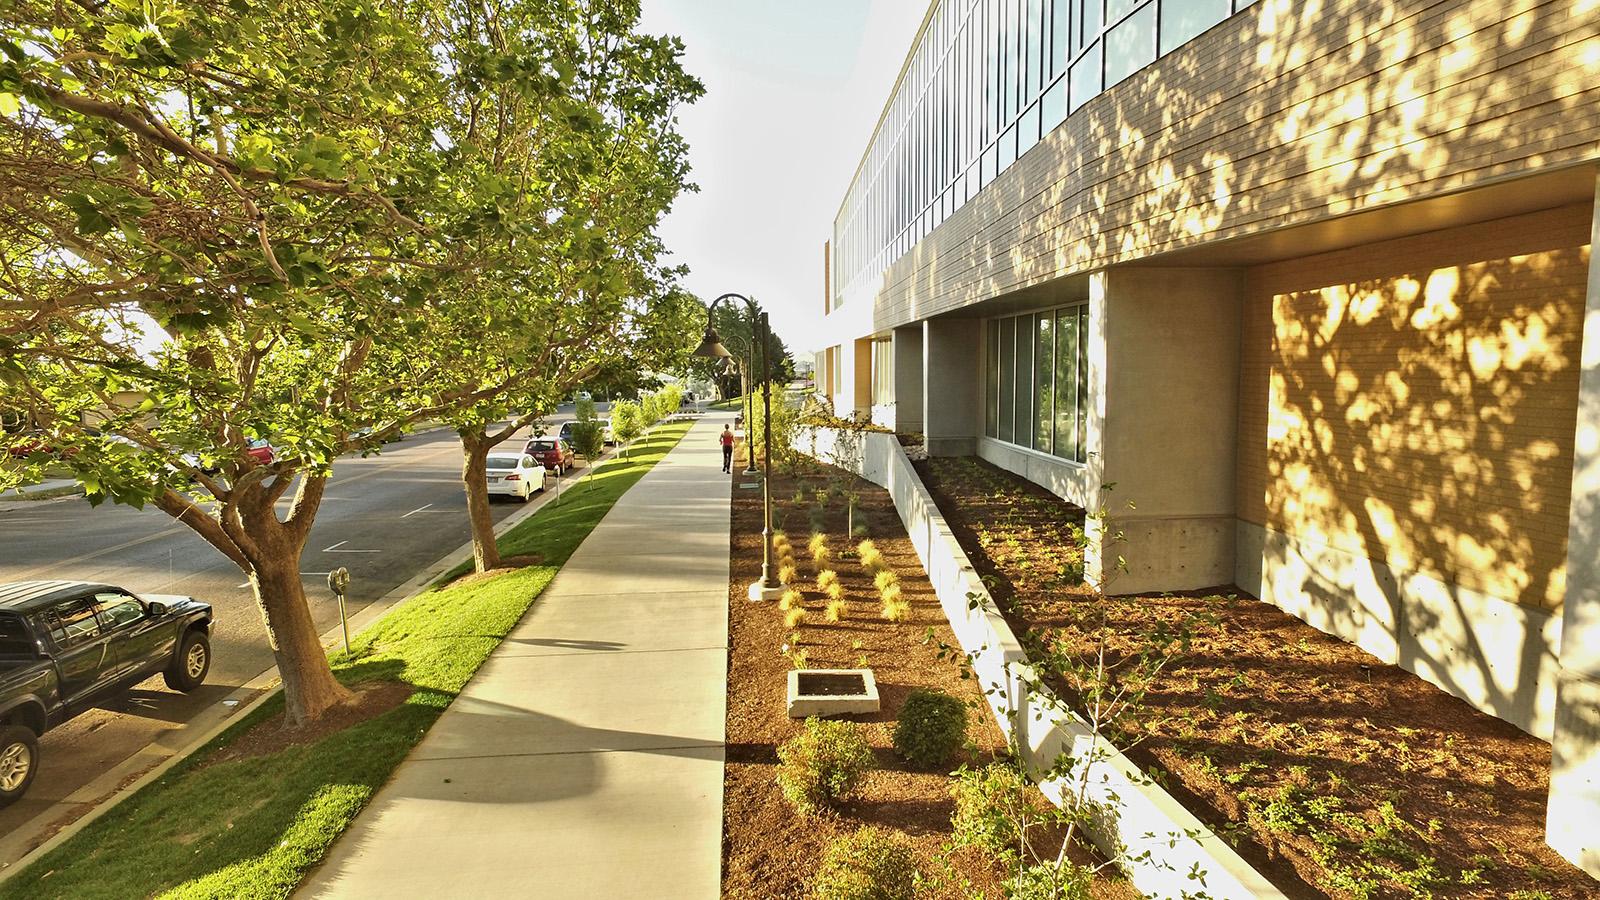 USU Aggie Rec Center